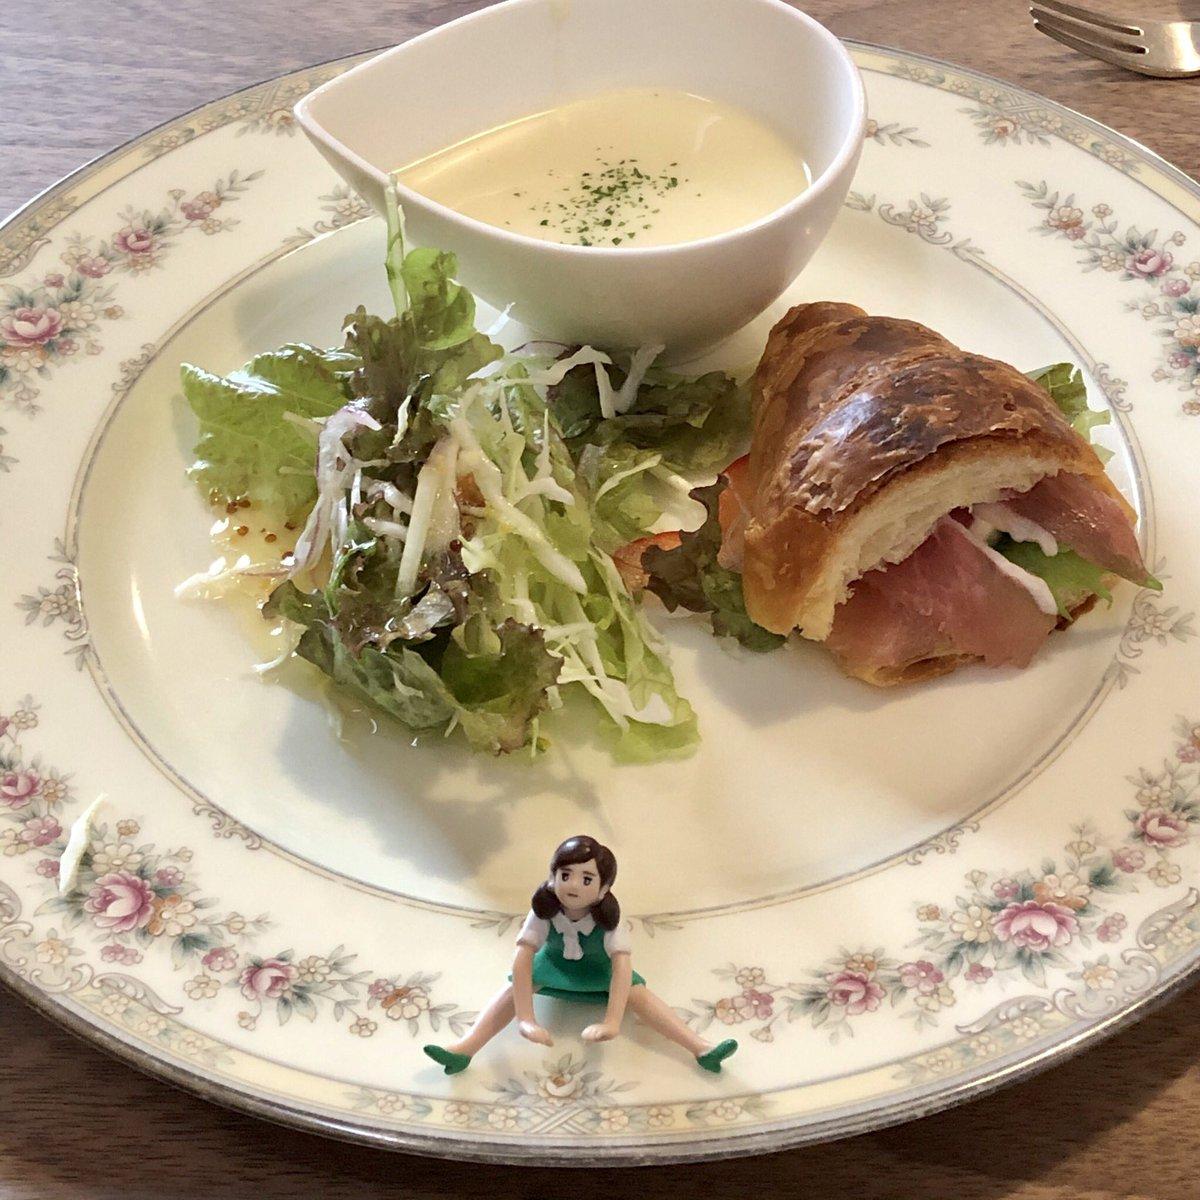 今日は一日遅れの敬老の日ランチでした! #敬老の日 #ランチ #lunch #柚子の樹 #チーズハンバーグ #フチ子 #fuchiko https://t.co/3mTVYwyCMB